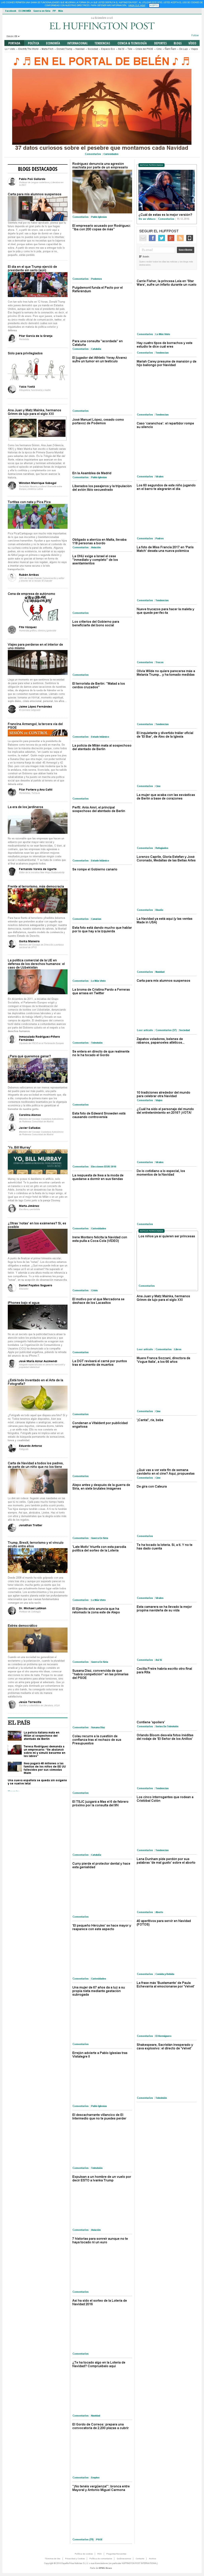 El Huffington Post (Spain) at Saturday Dec. 24, 2016, 3:06 a.m. UTC